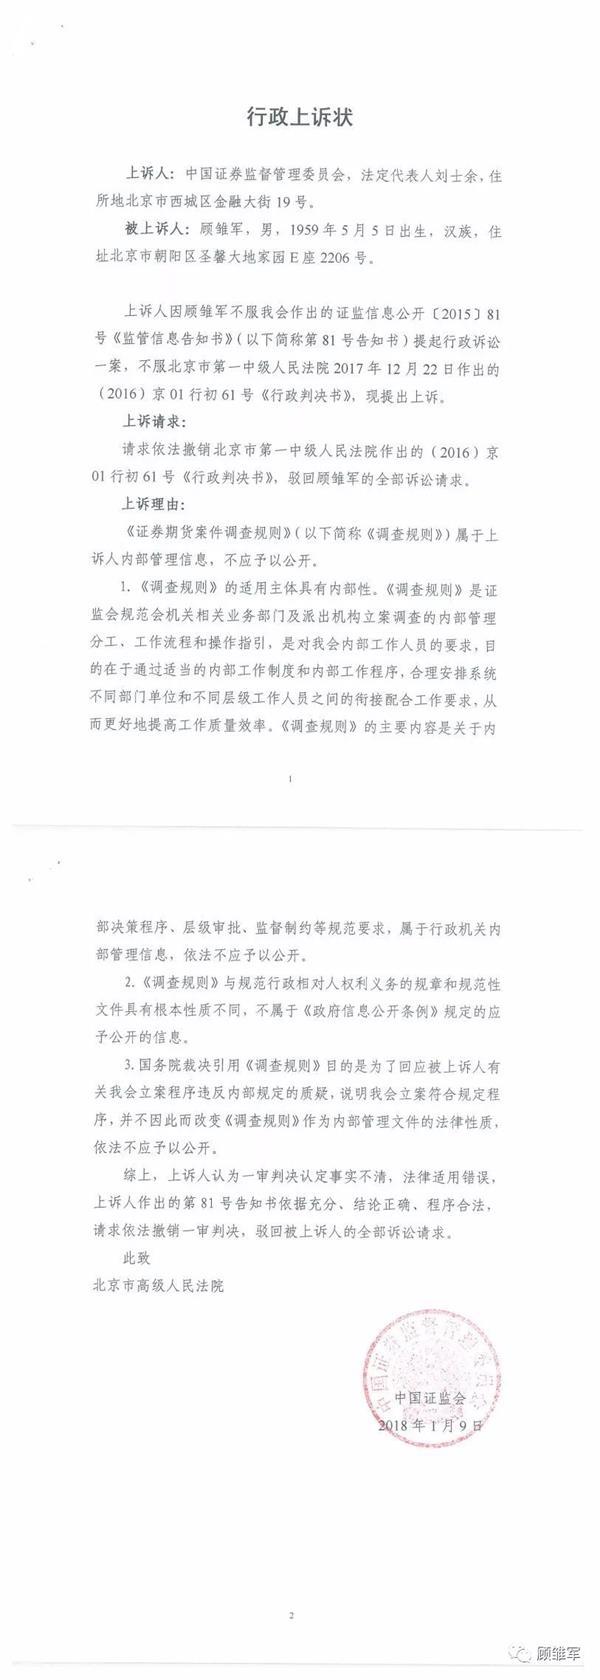 jin5222.com金沙:原科龙电器董事长顾雏军:中国证监会上诉了!